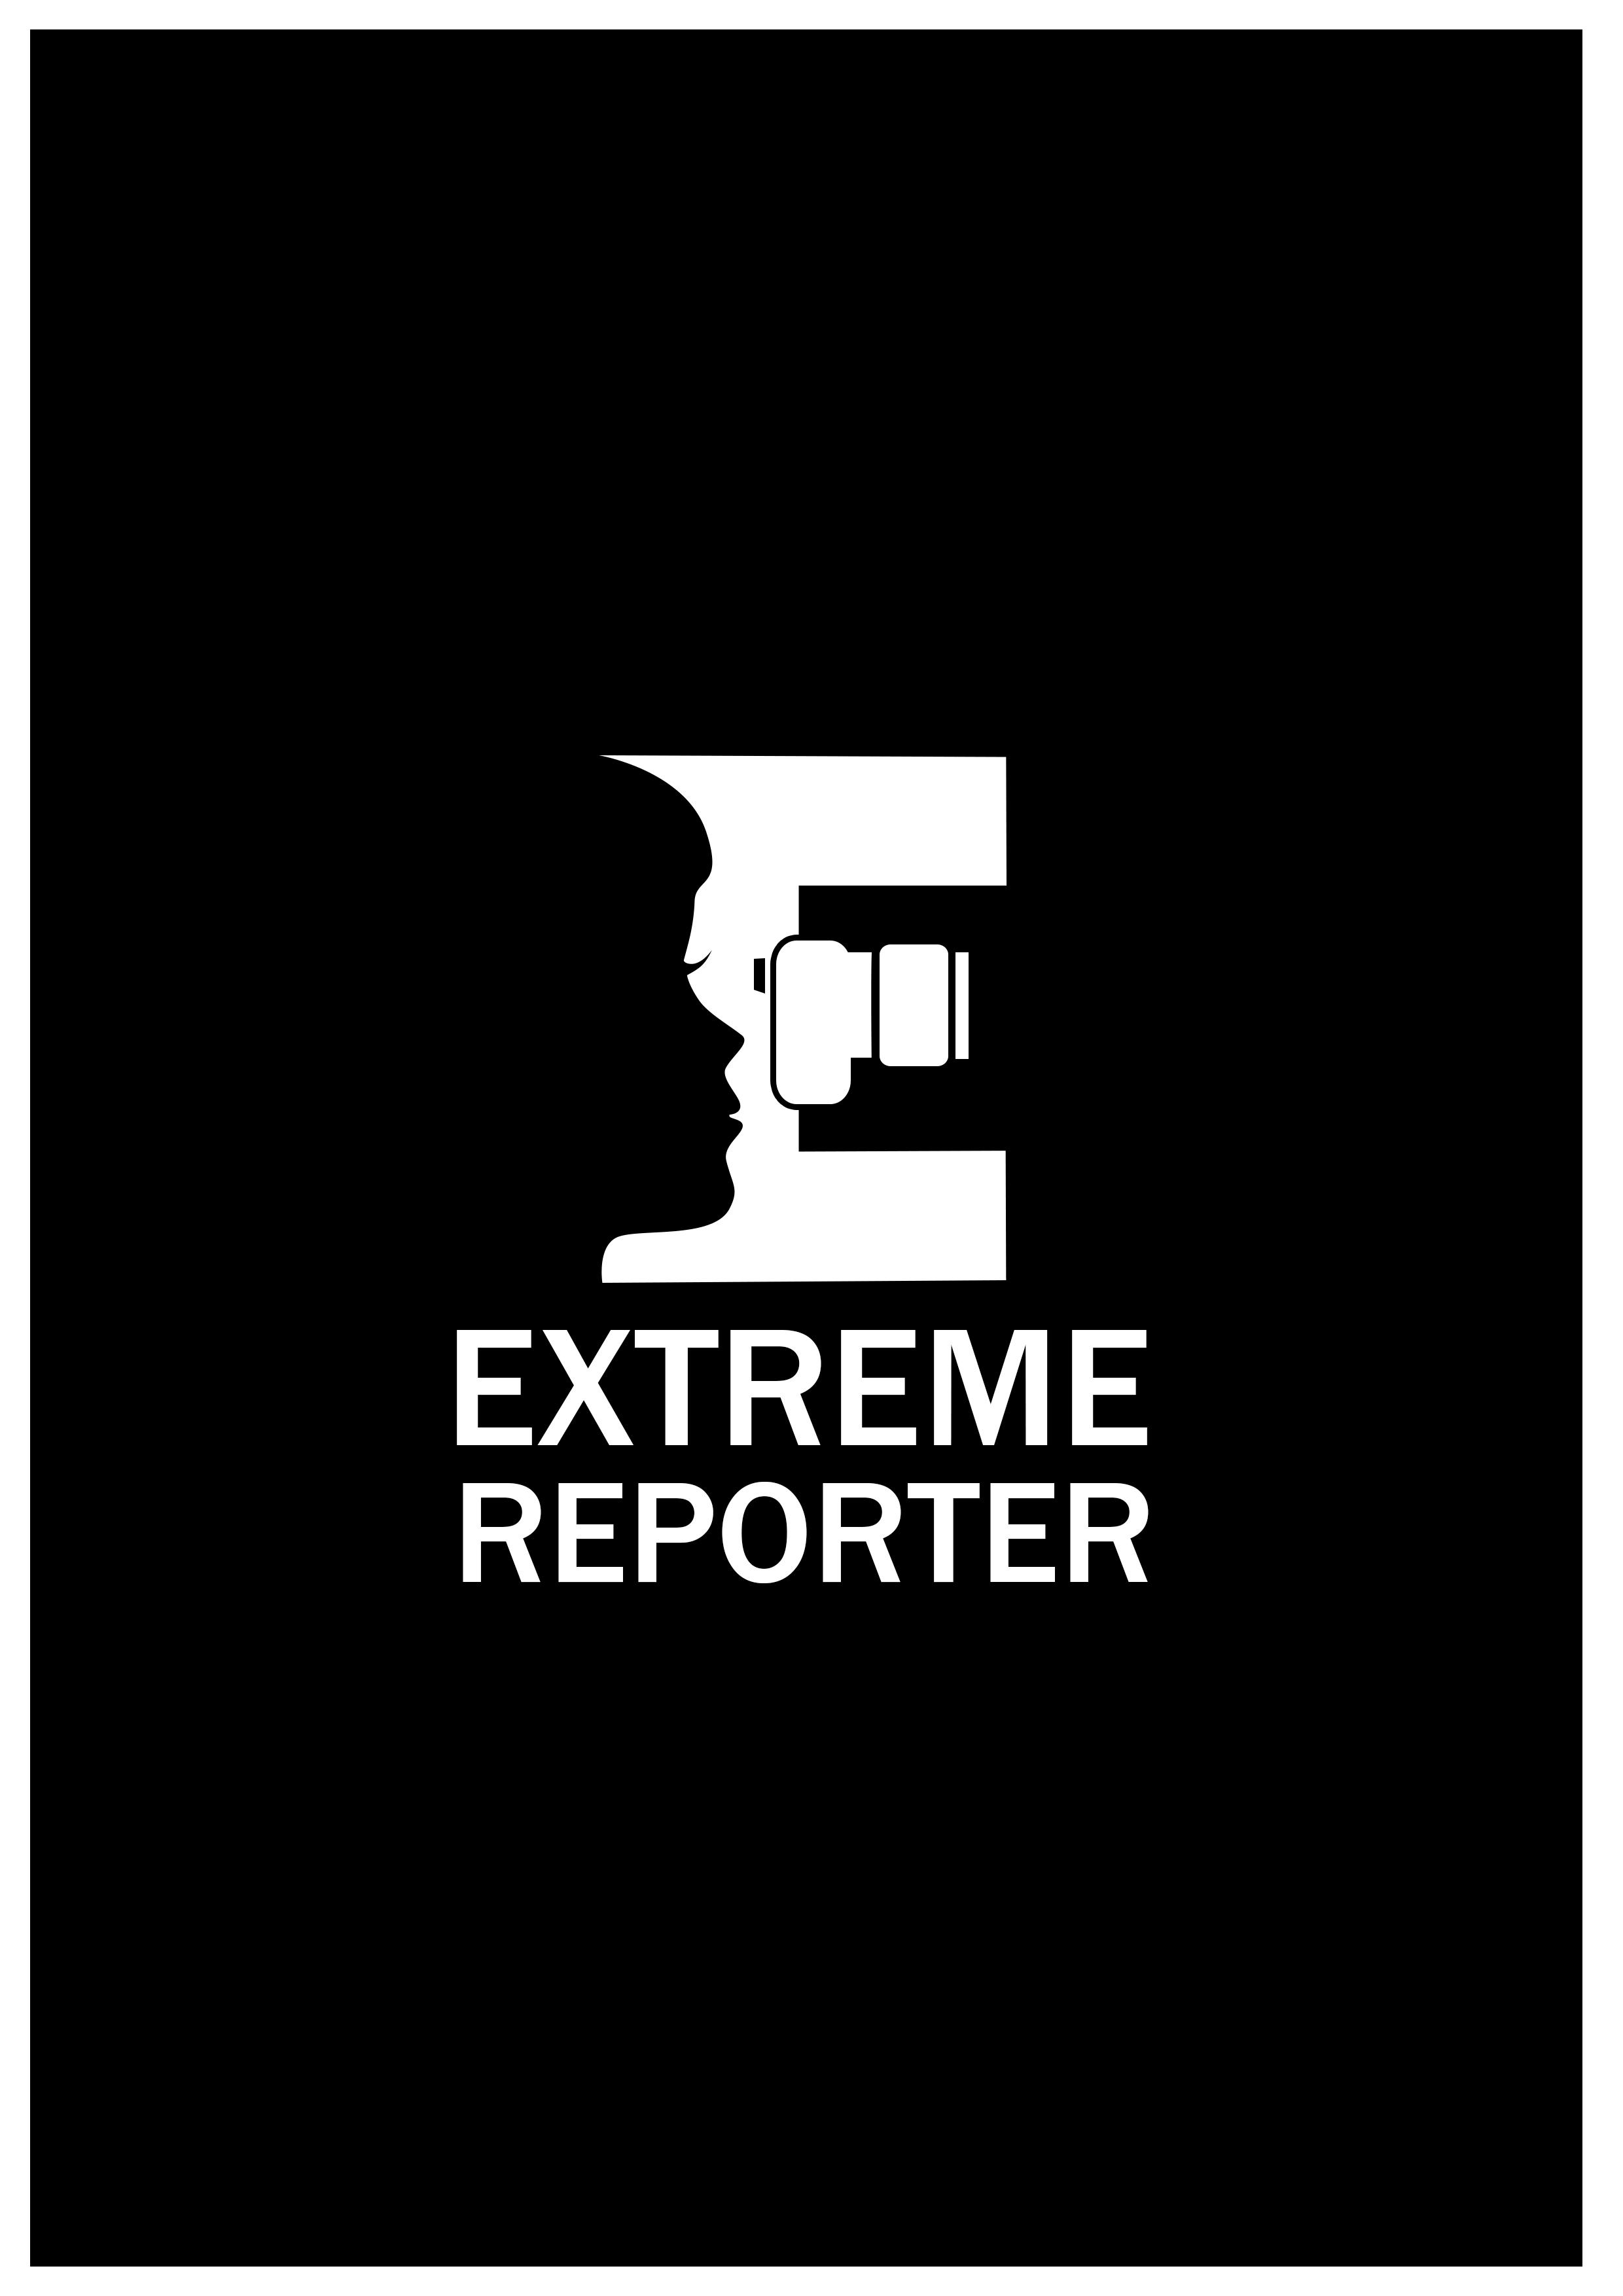 Логотип для экстрим фотографа.  фото f_6175a551539d4852.jpg